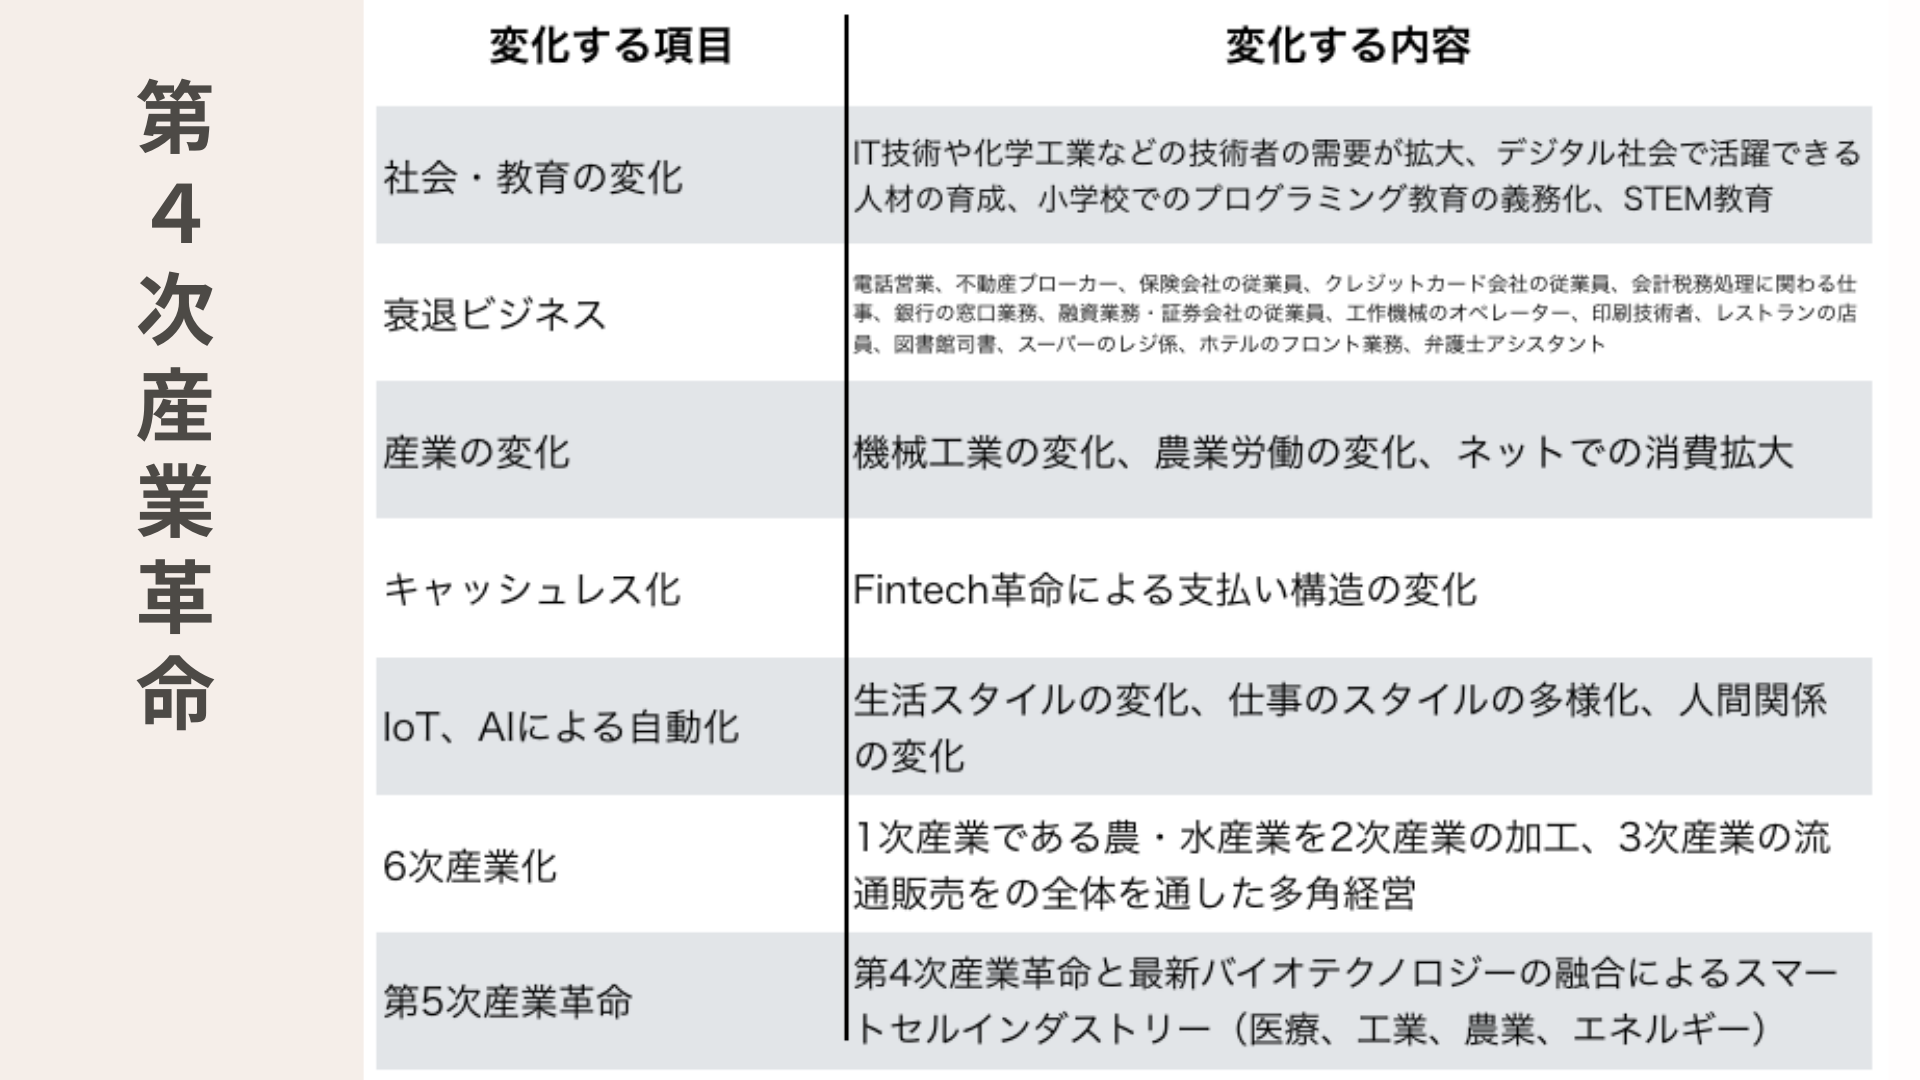 第4次産業革命について ロボット&プログラミング教室 ミコノス横浜 in 保土ヶ谷駅前校